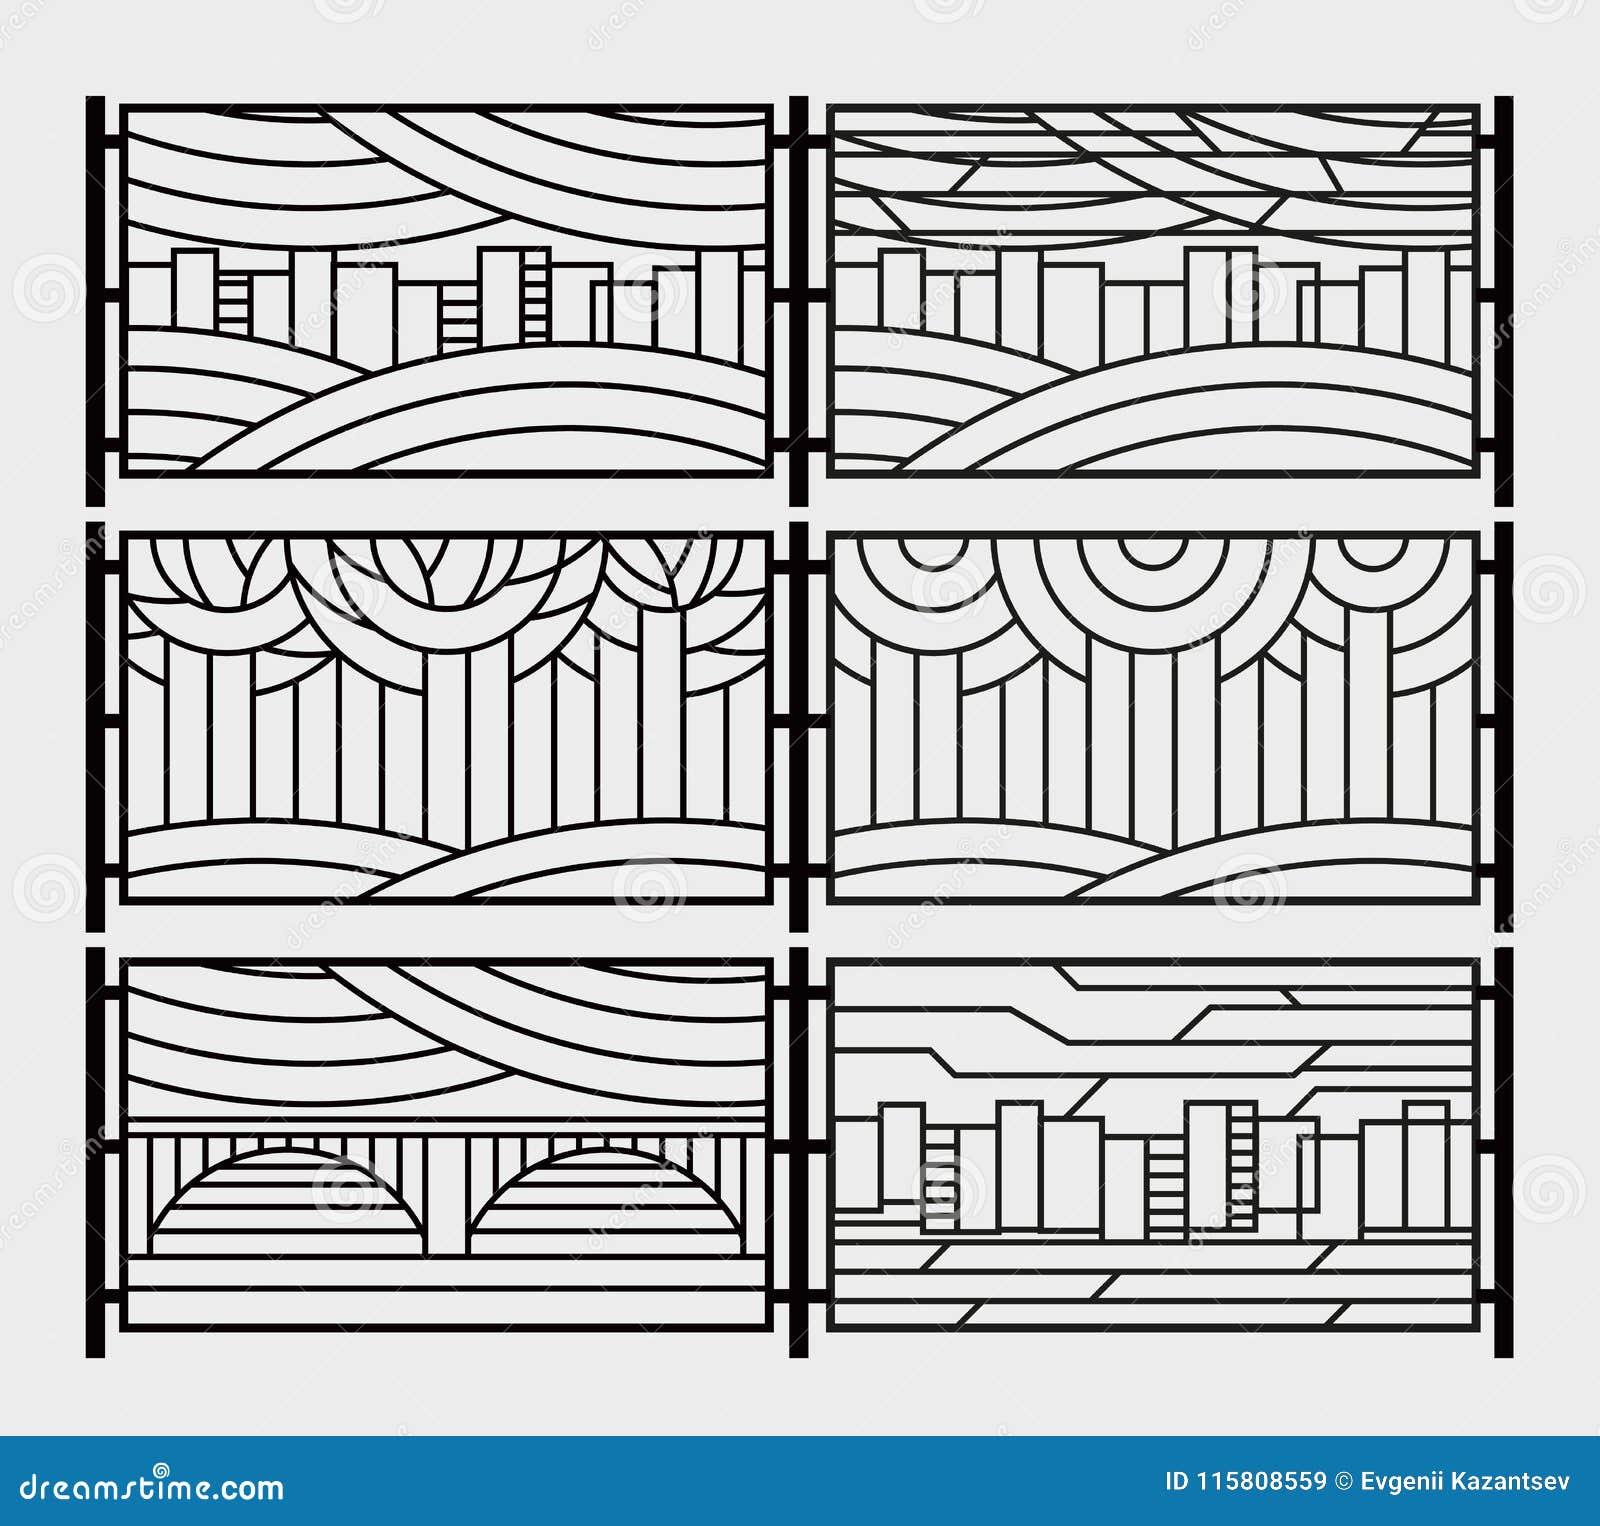 dekorativer grill für einen zaun oder ein kamingitter stilisierte